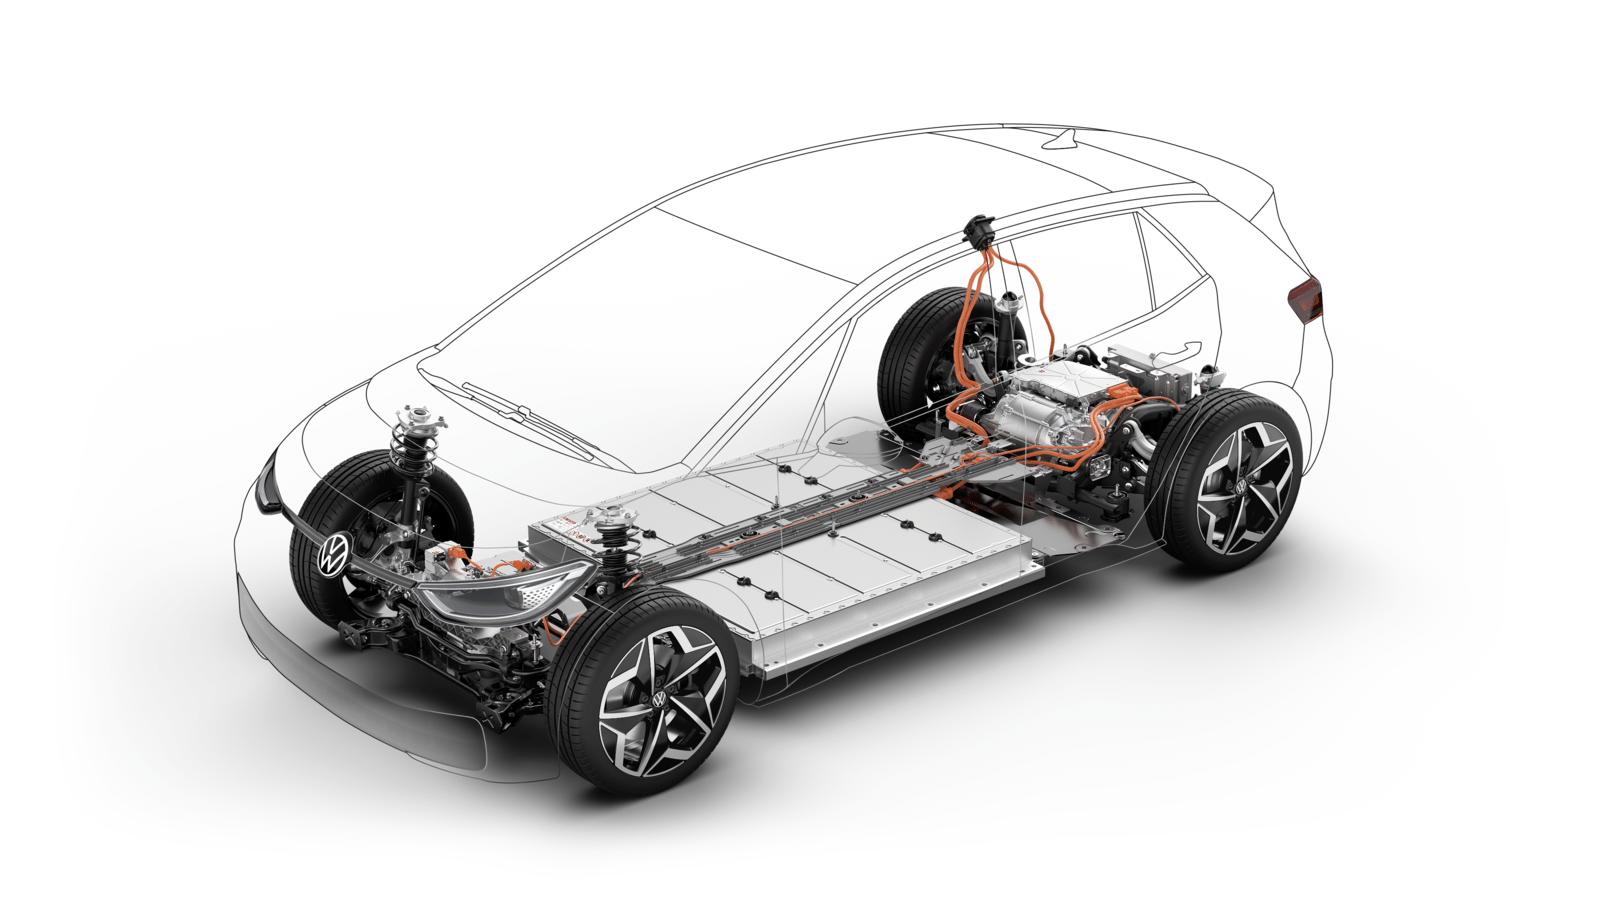 In de technische basis van de Volkswagen ID.3 is goed te zien hoe de batterijpakketten in de bodem zijn verwerkt